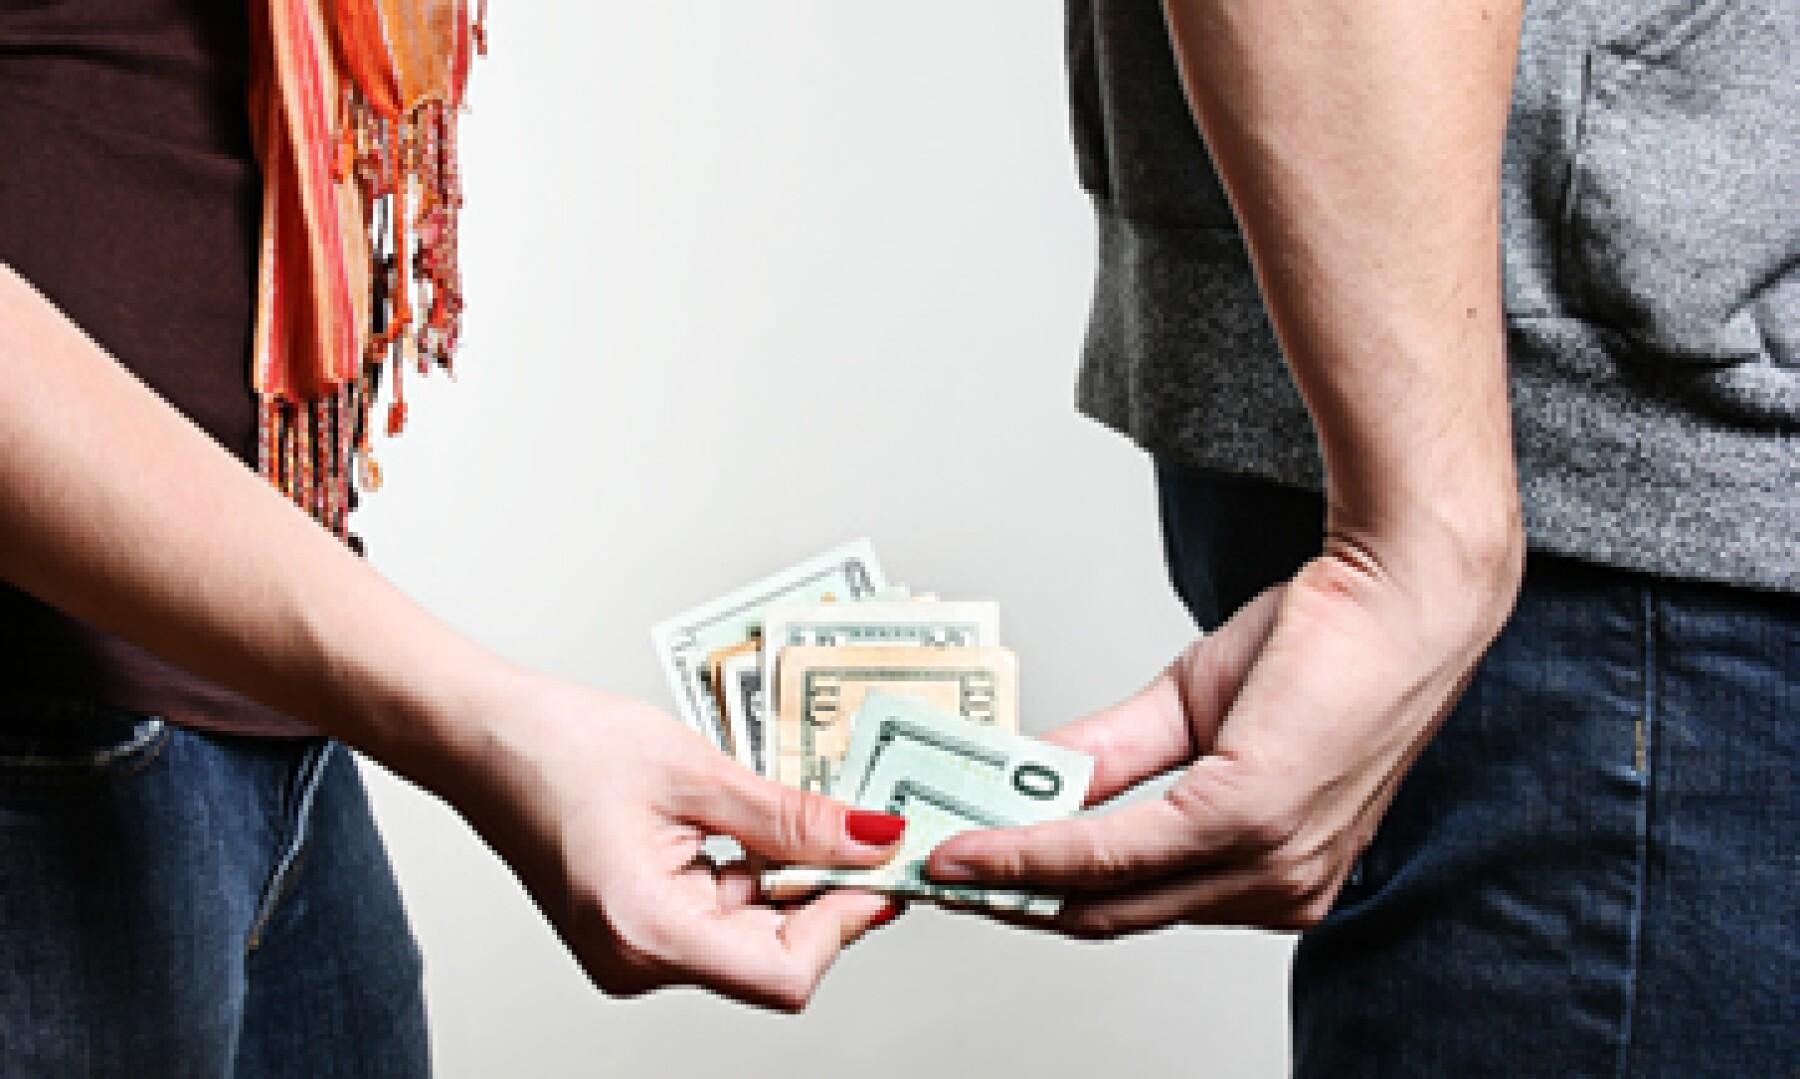 Entre los países menos corruptos se encuentran Finlandia, Nueva Zelanda y Dinamarca. (Foto: Getty Images)